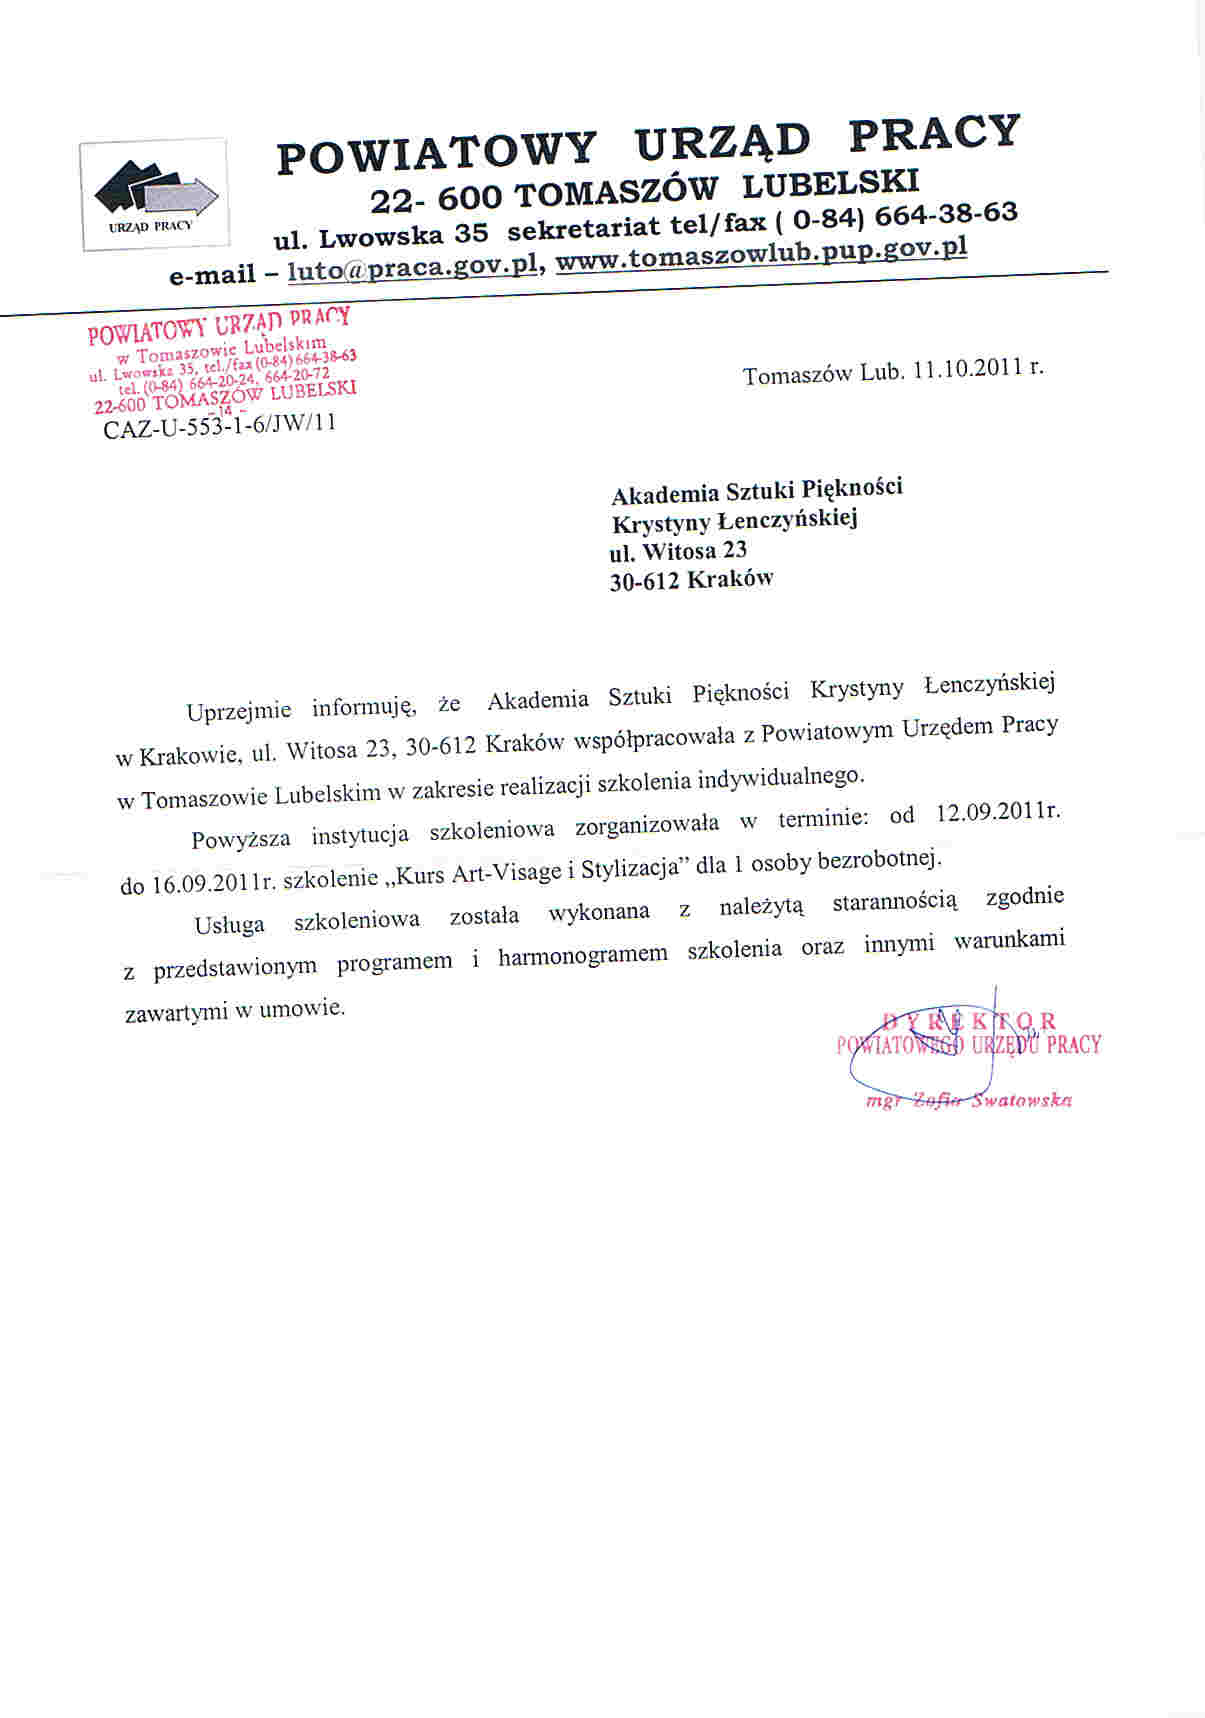 Powiatowy Urząd Pracy w Tomaszowie Lubelskim-Tomaszów Lubelski